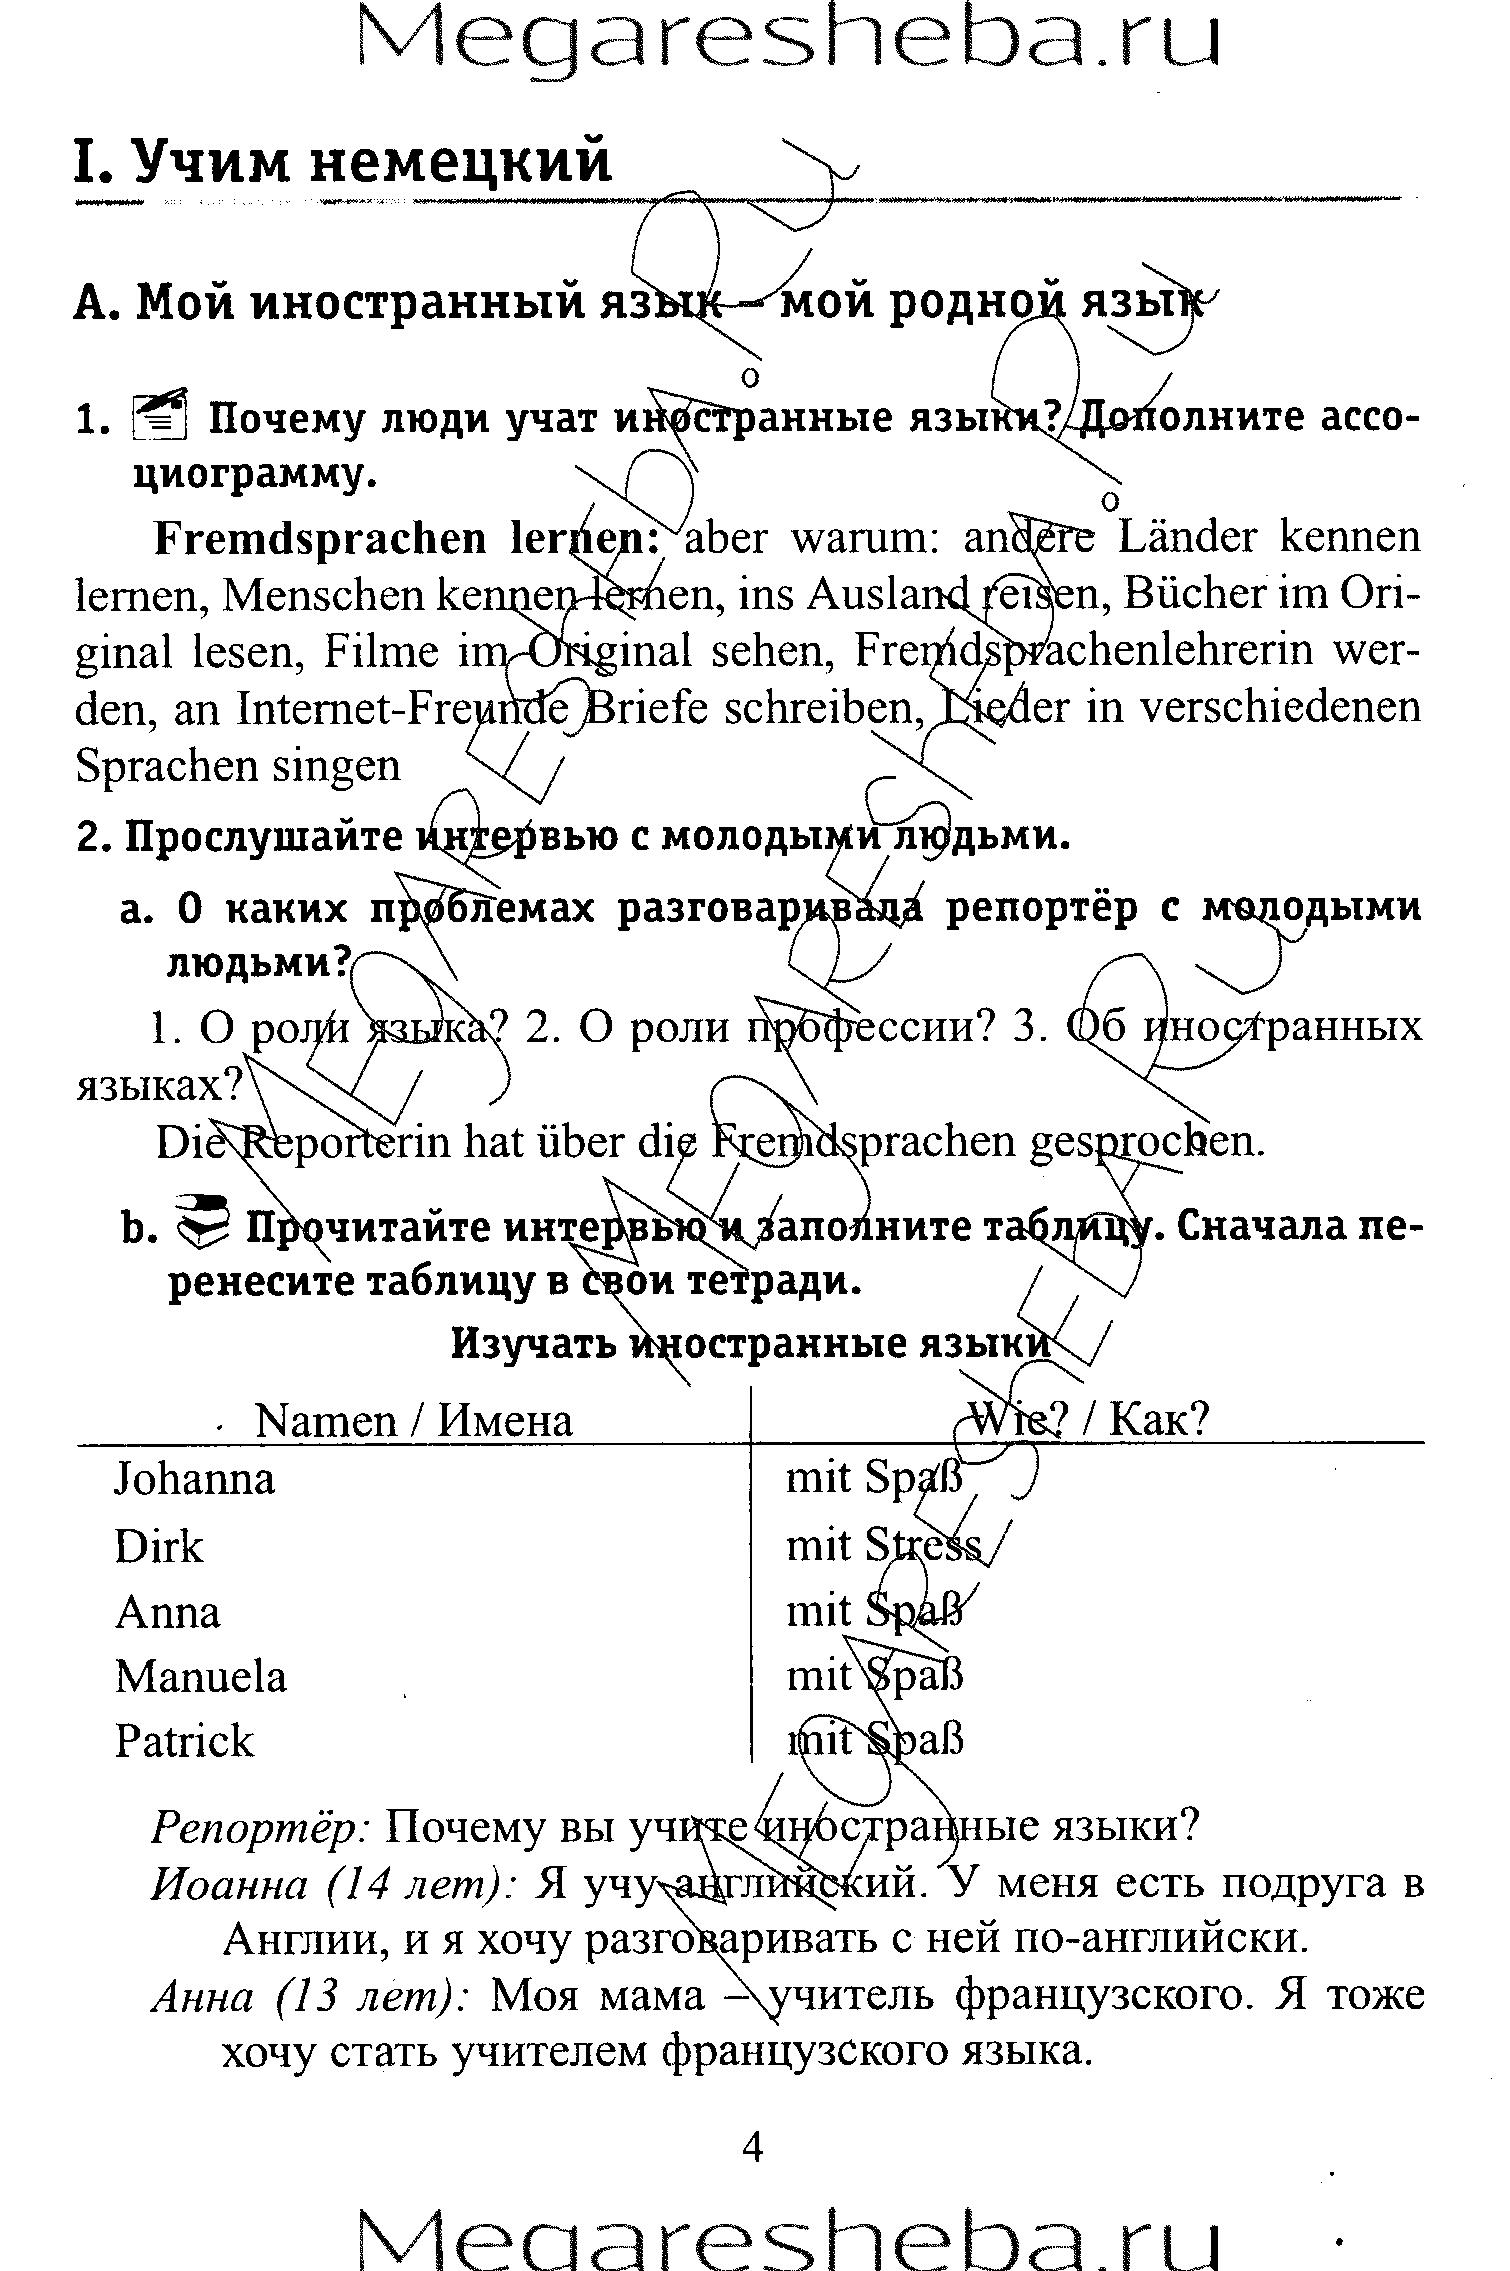 Решебник по рабочей тетради по немецкому языку 9 класс урбанович